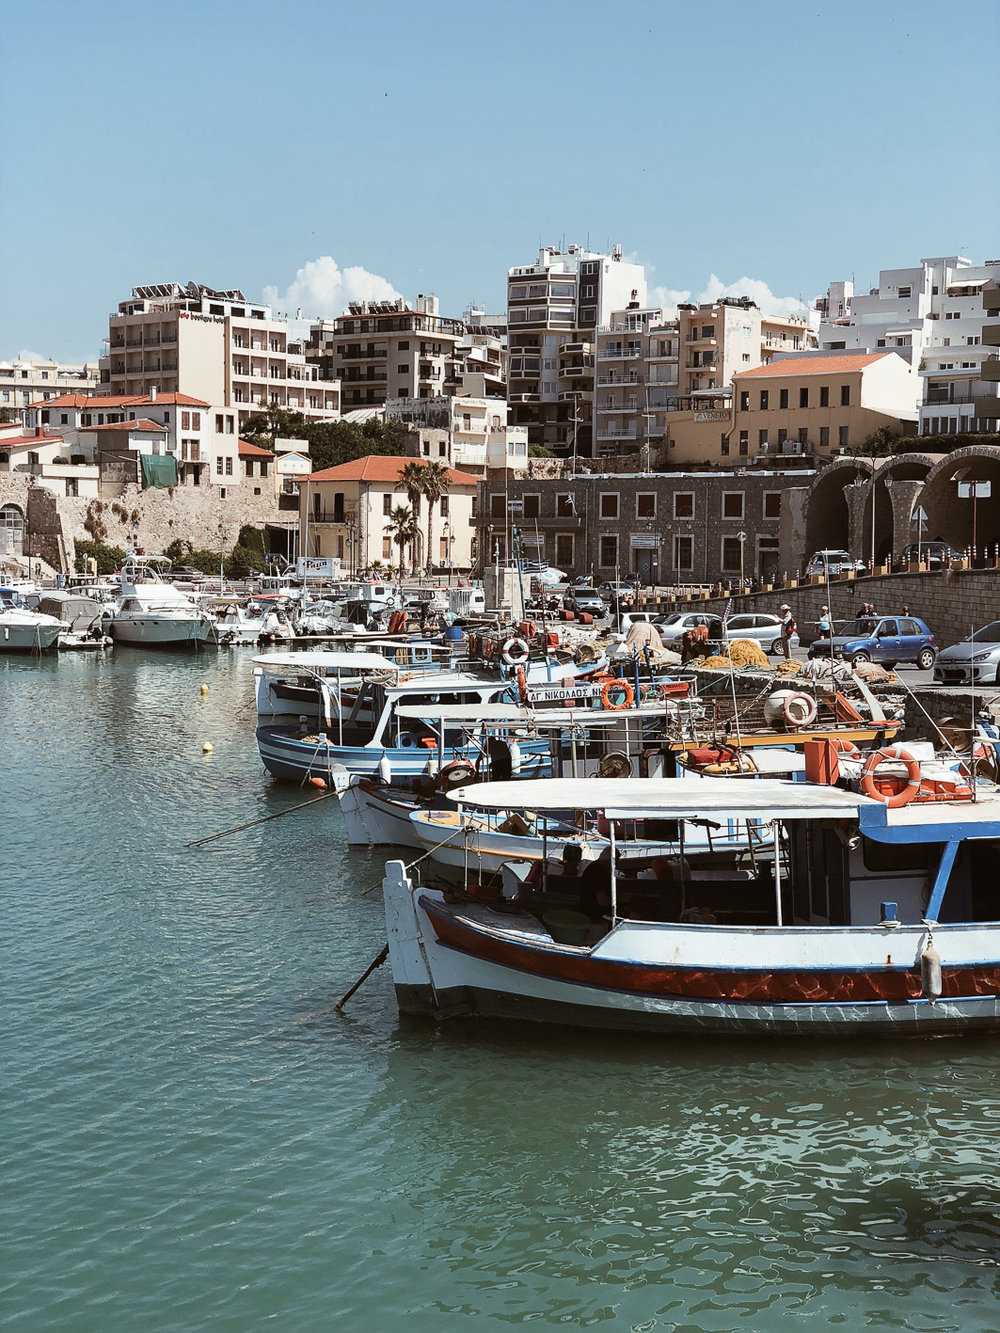 Little-boho-blog-crete-heraklion27.jpg